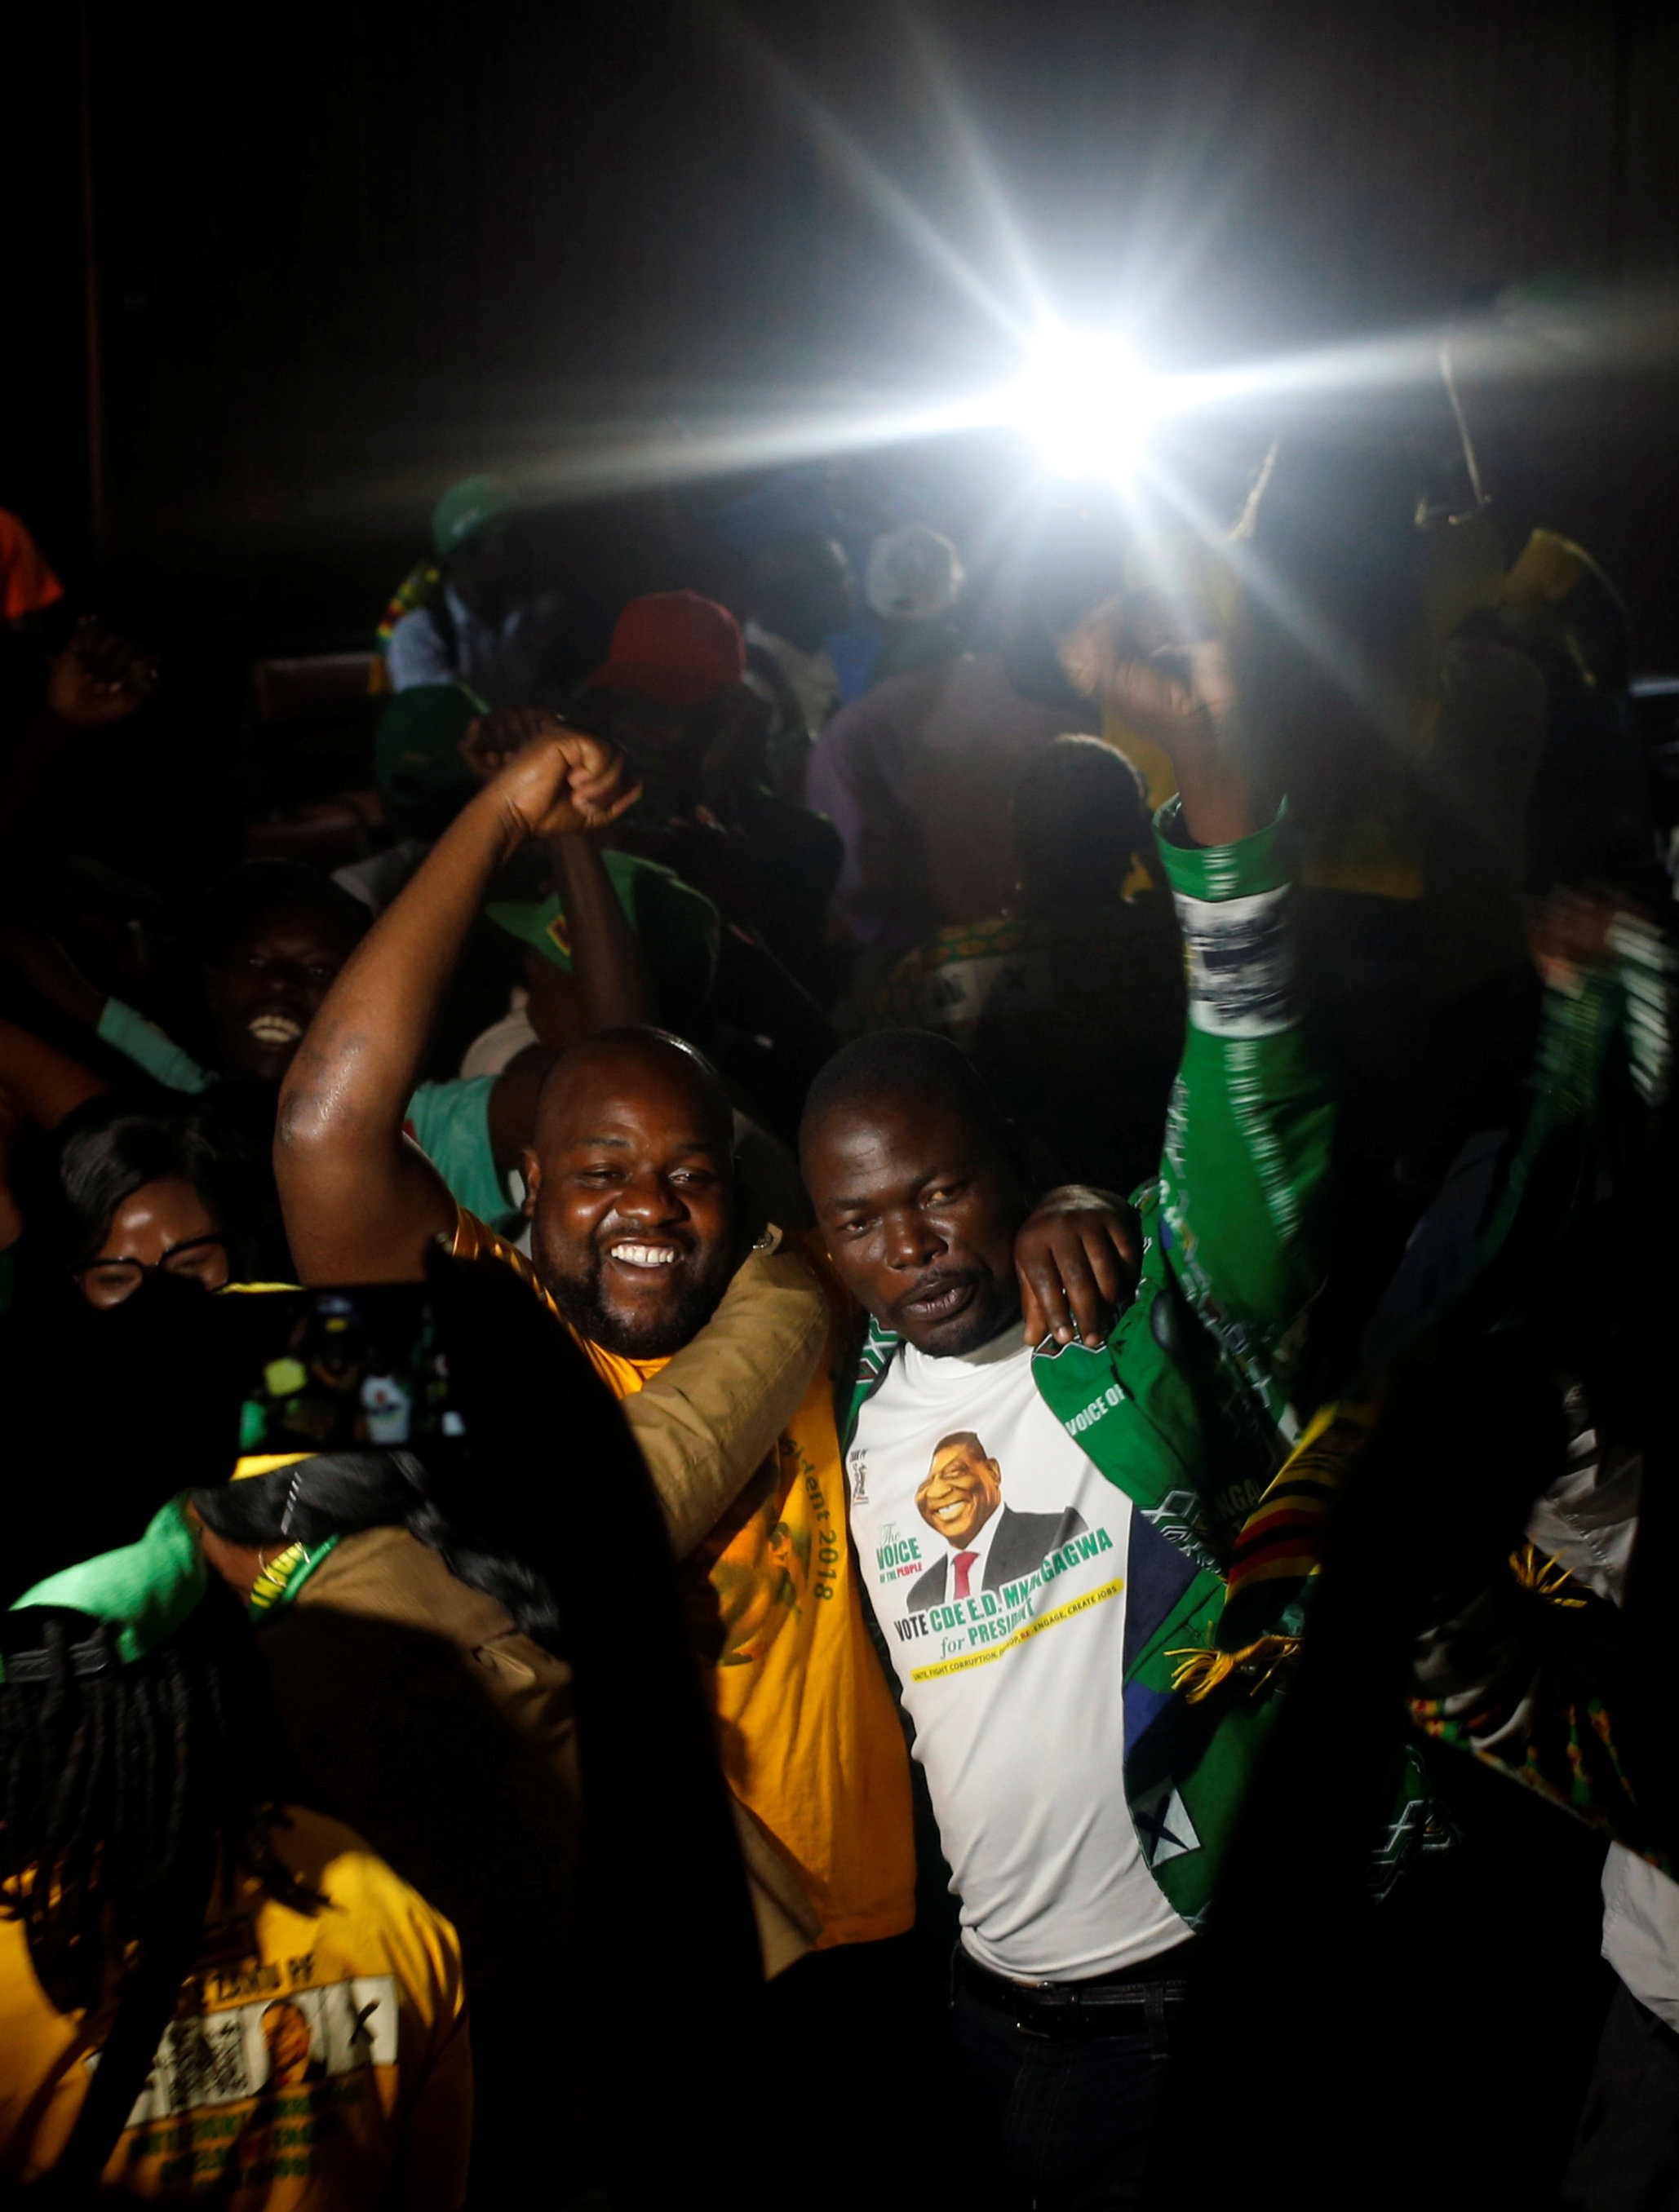 احتفالات أنصار رئيس زيمبابوى